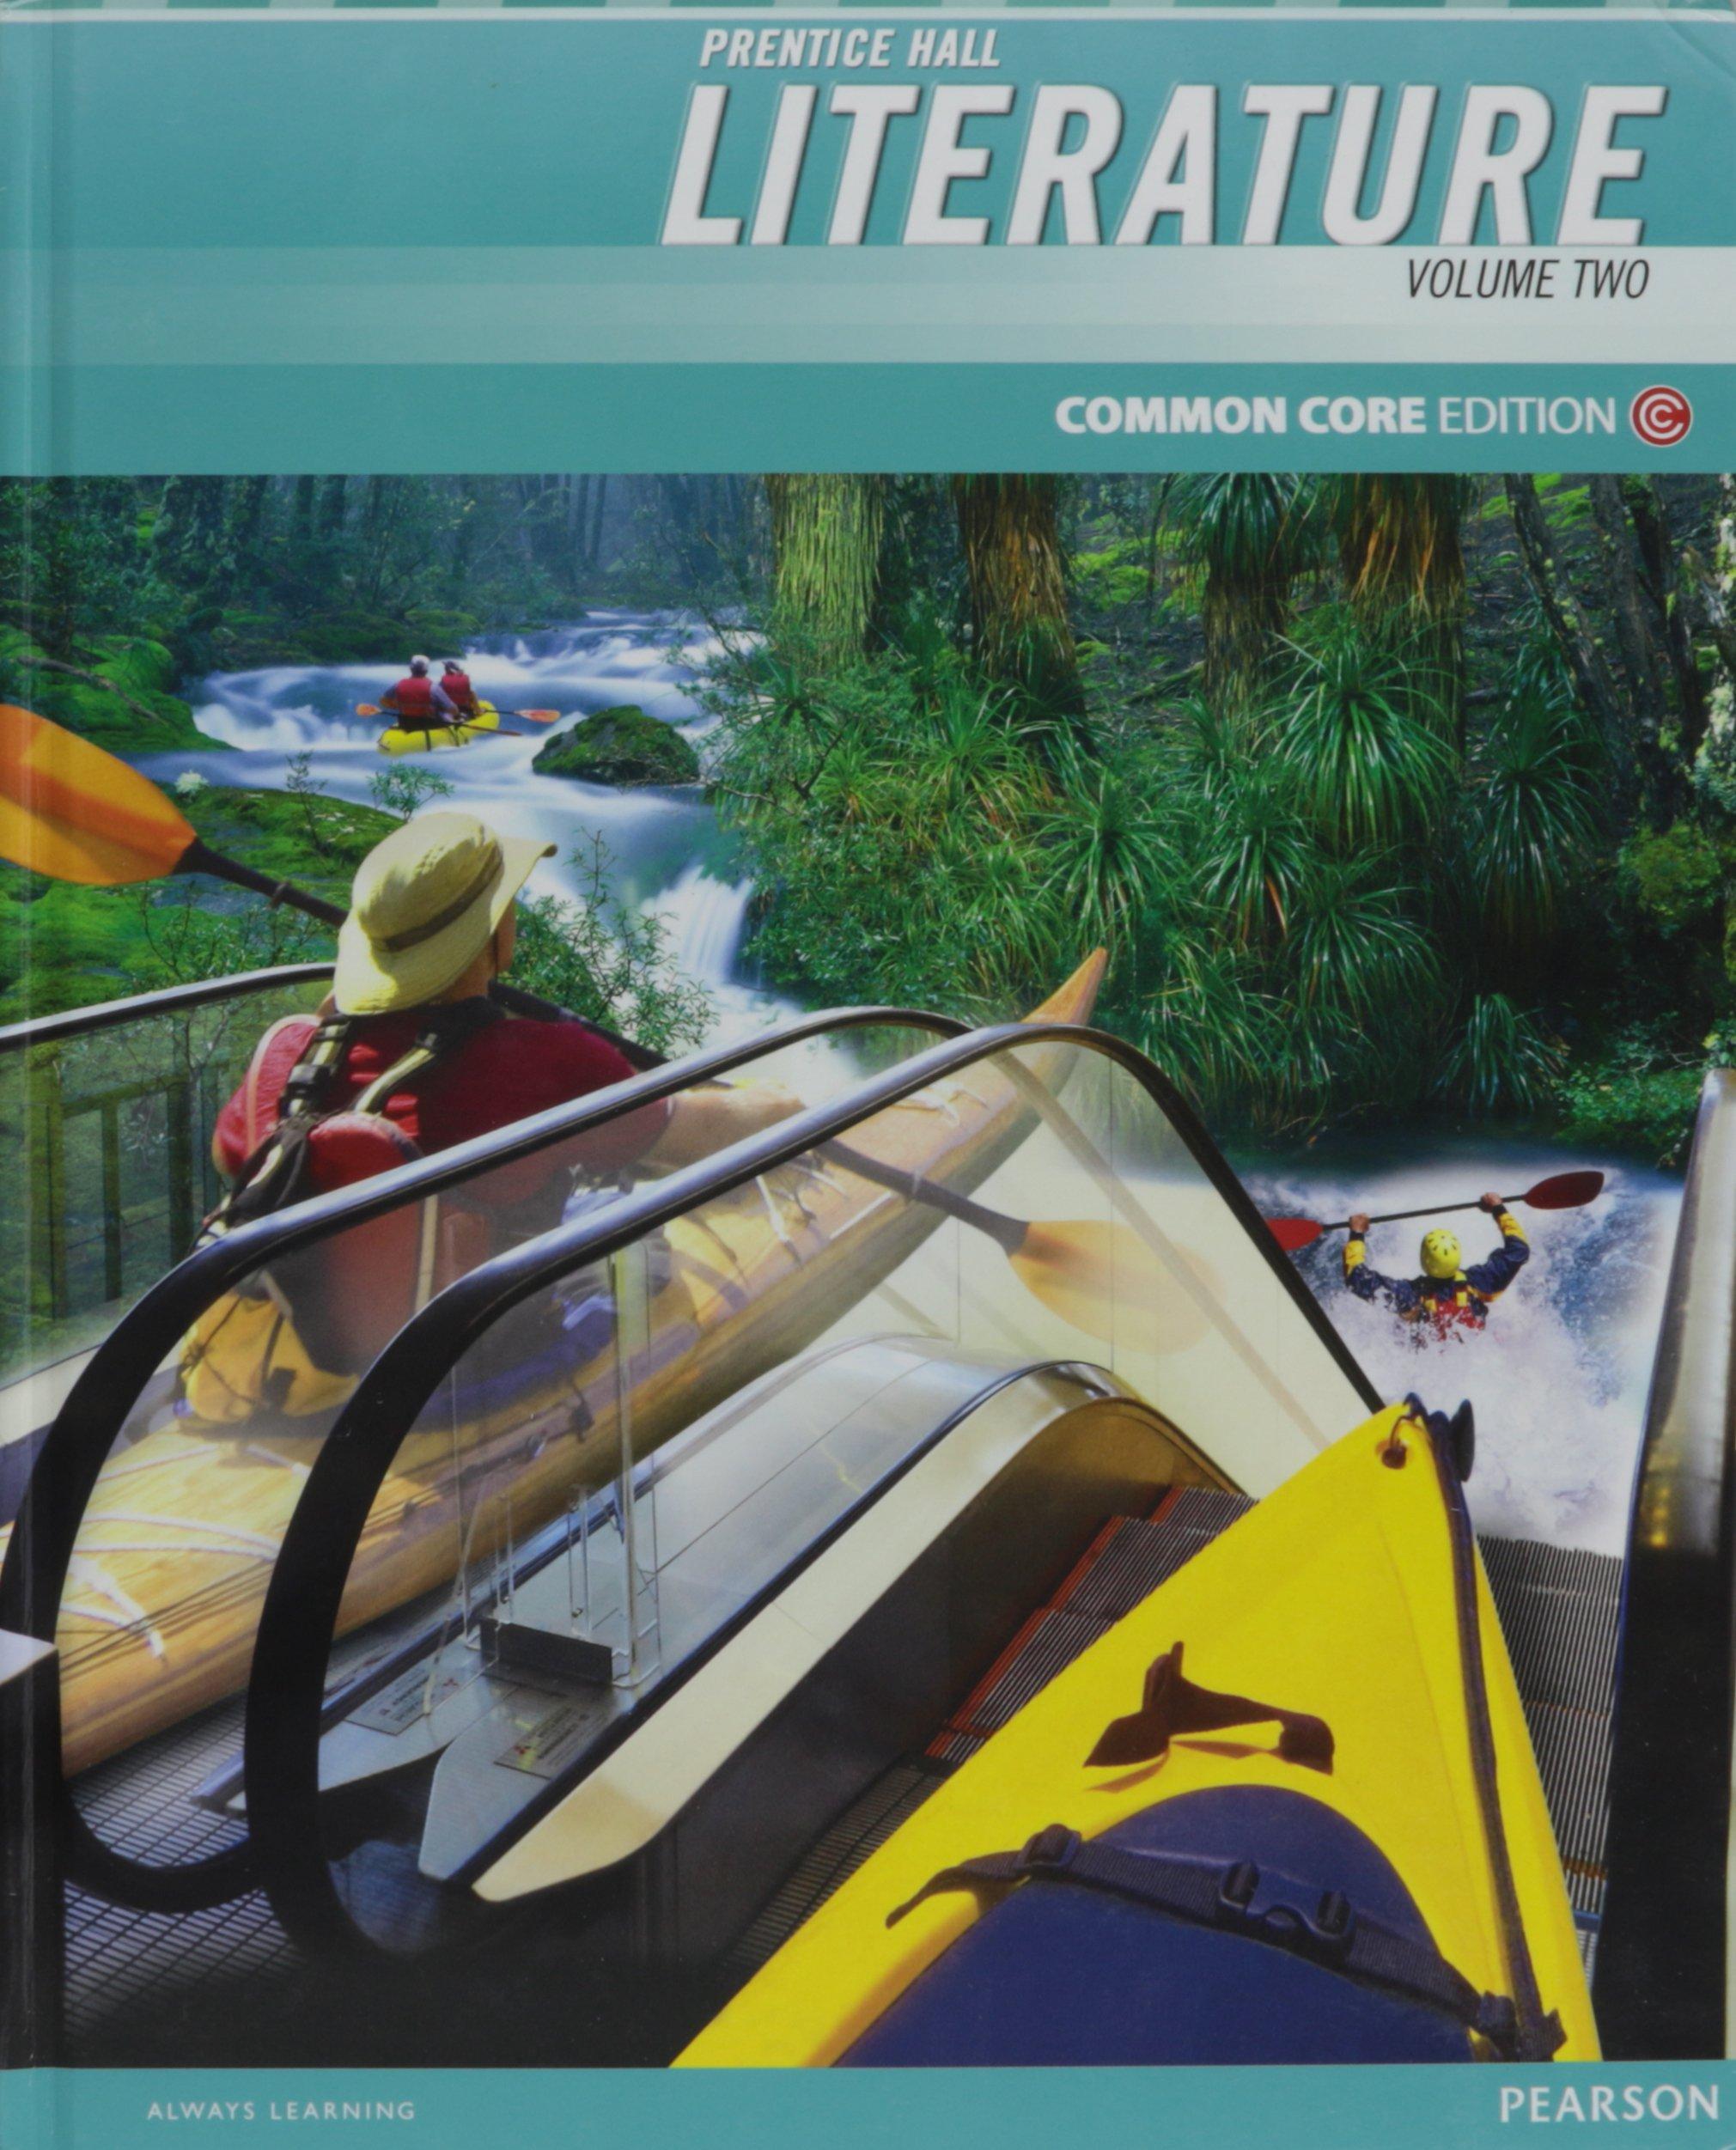 Prentice Hall Literature 9 vol. 2 ebook